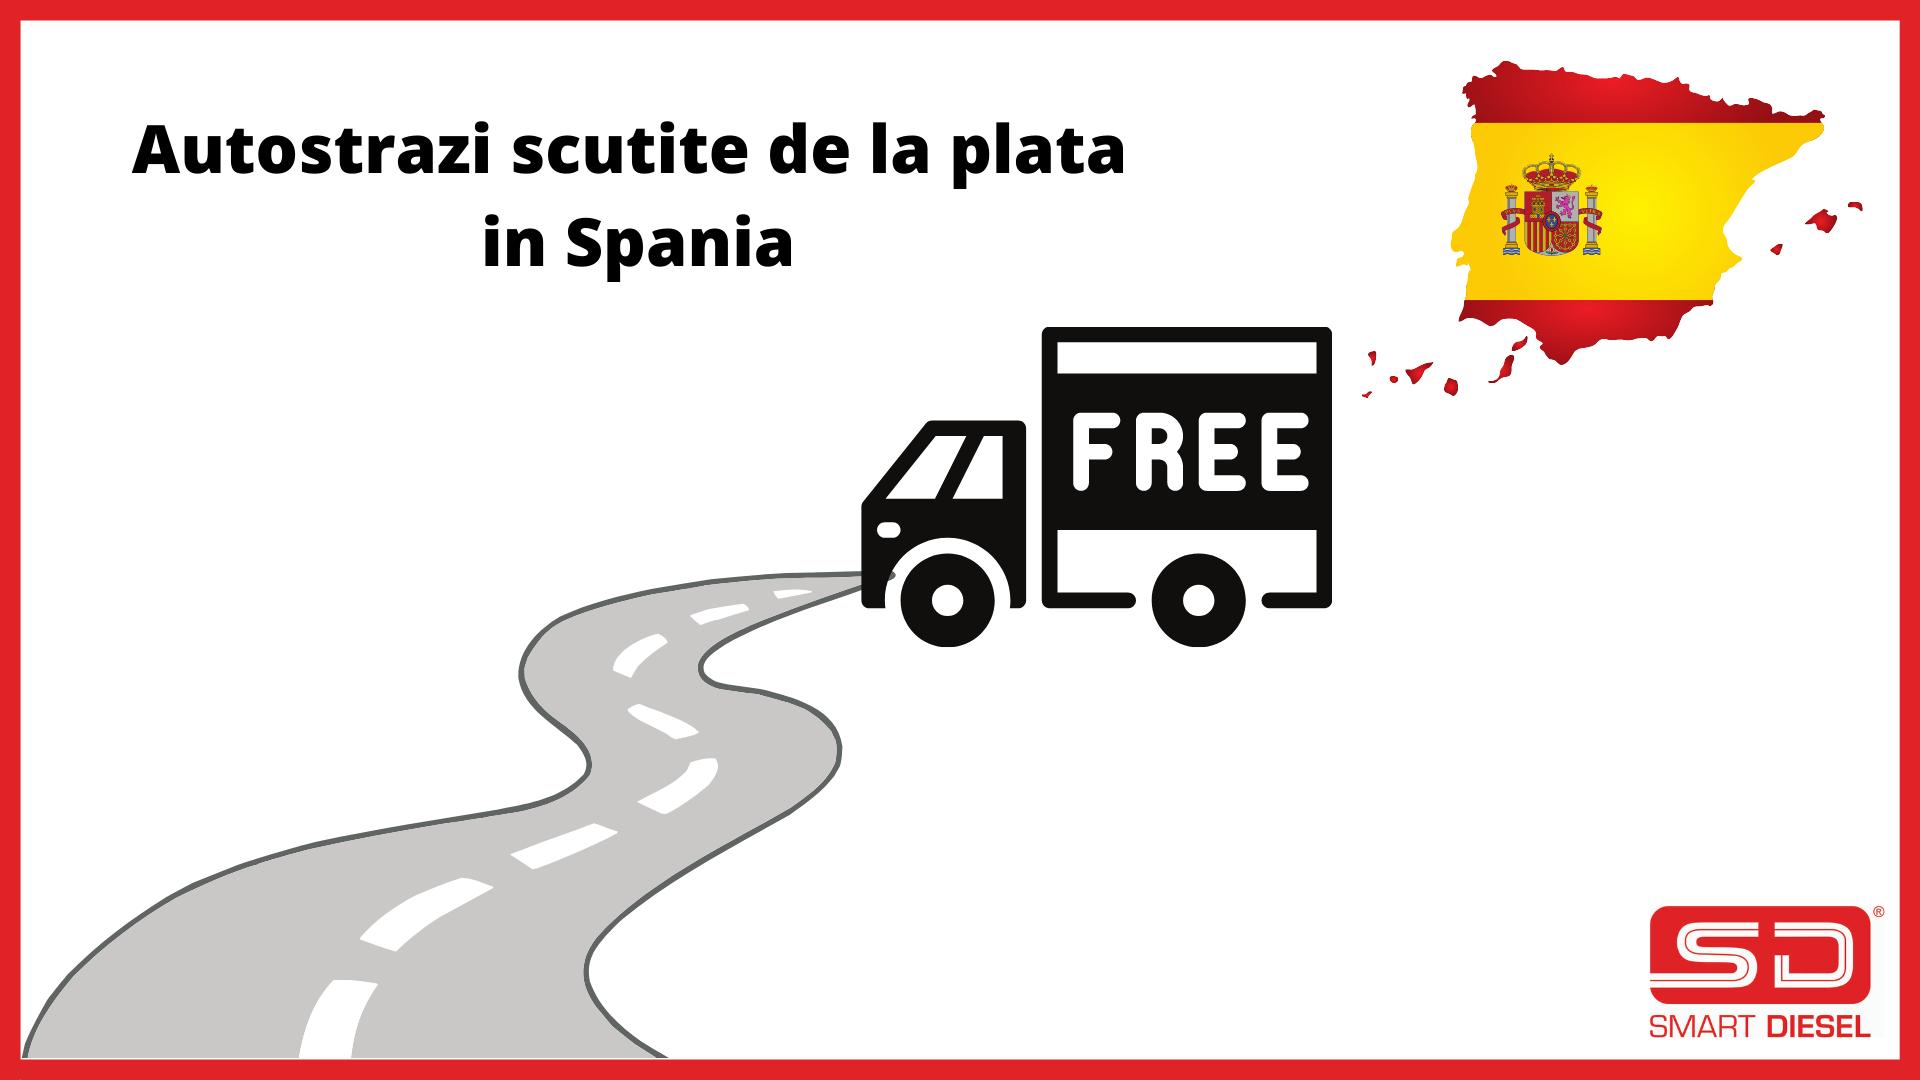 Autostrazi gratuite in Spania din Septembrie 2021